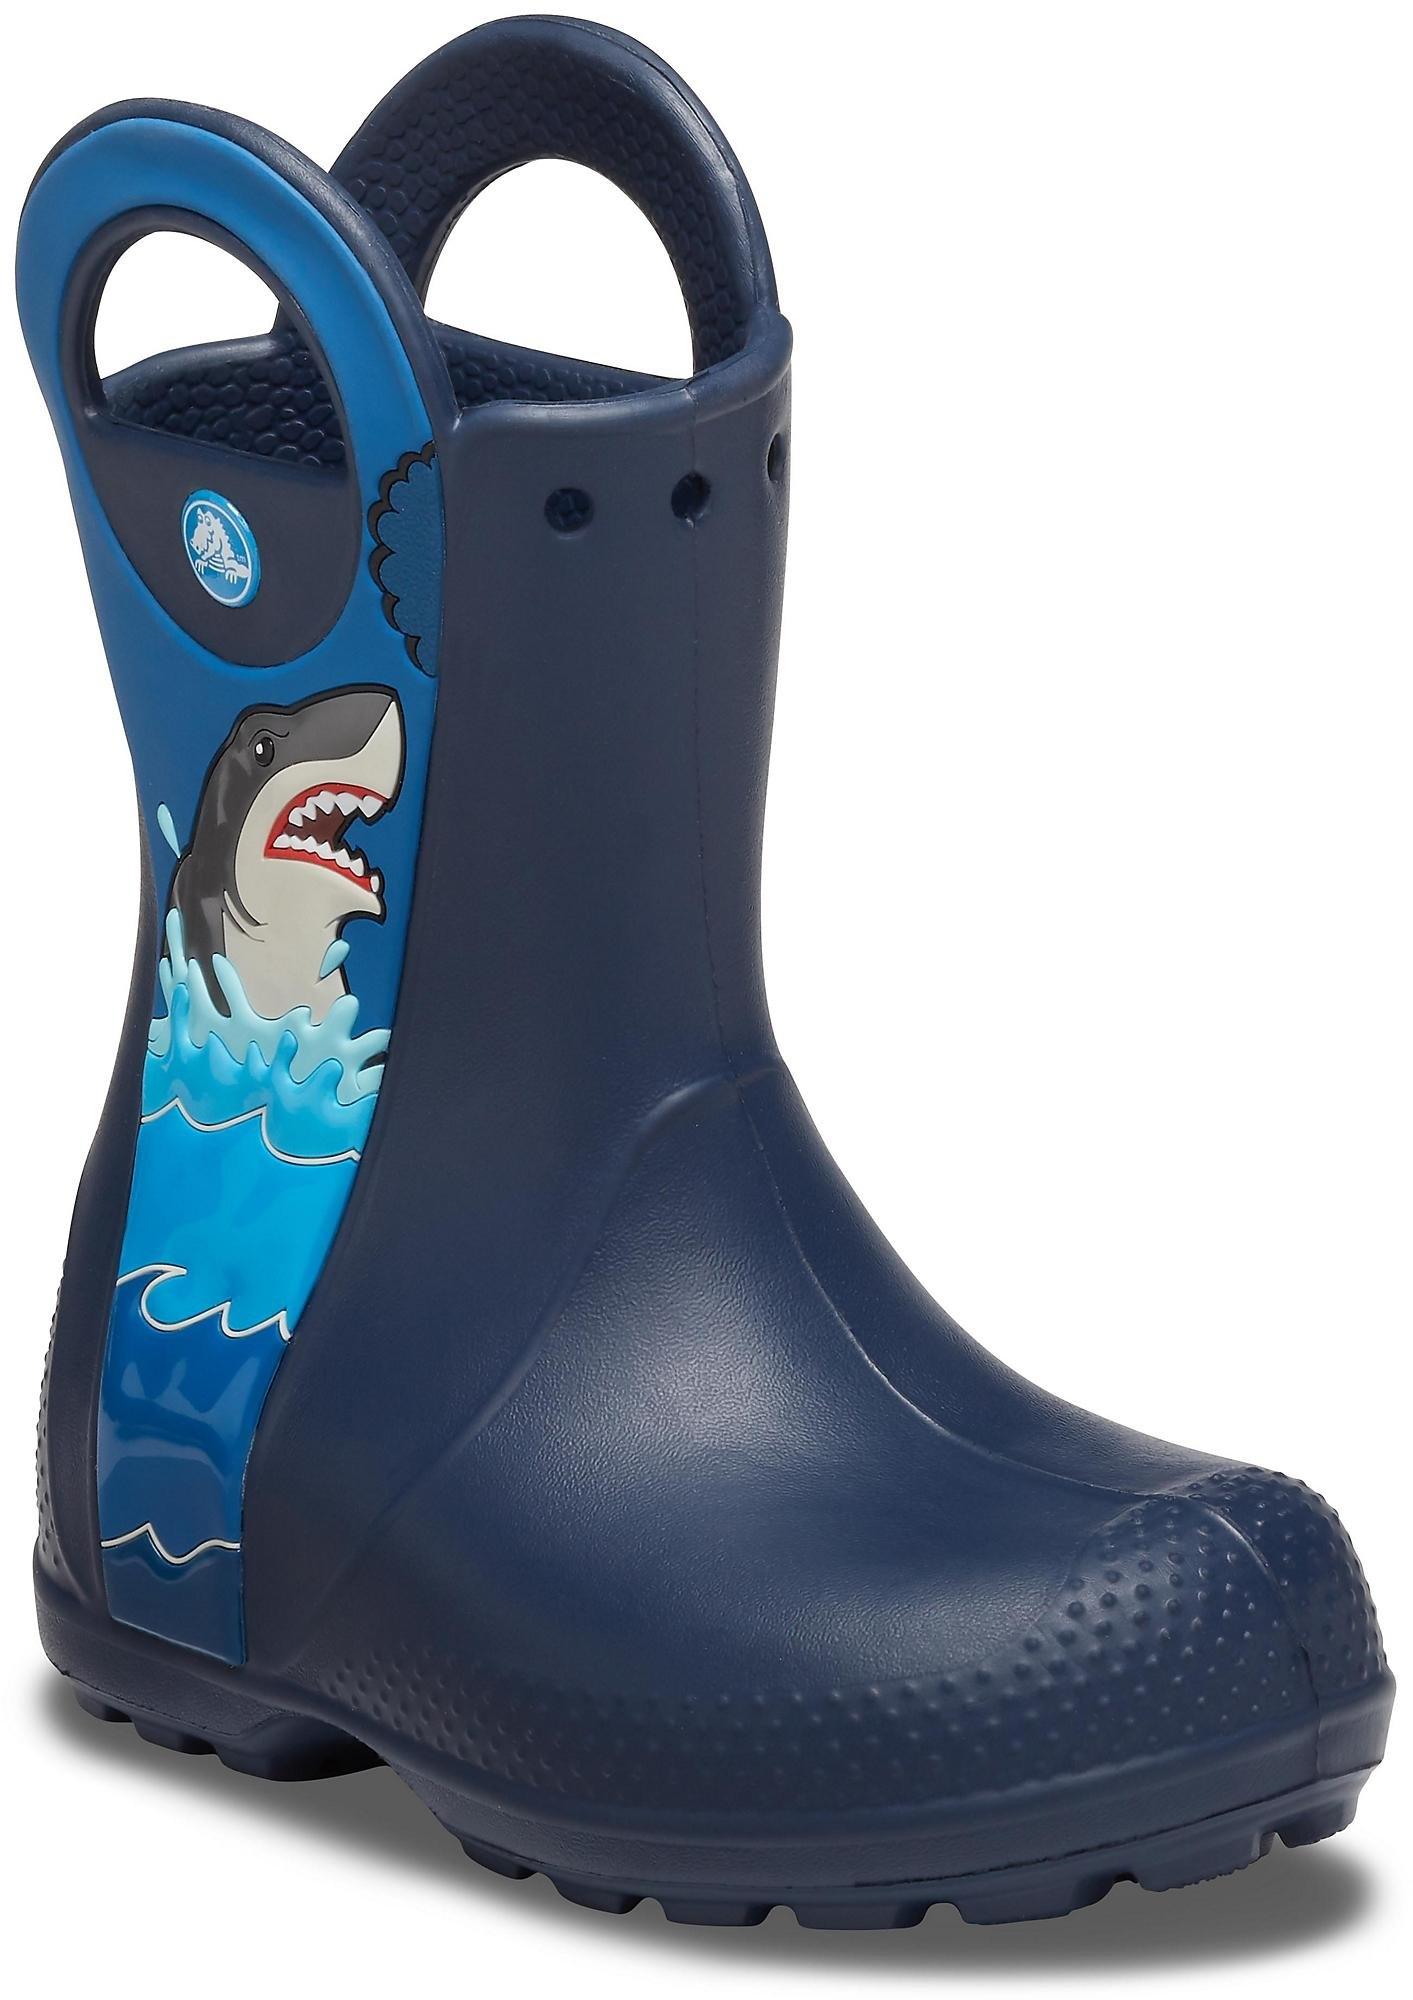 Crocs rubberlaarzen »Shark Rain Boot« bestellen: 30 dagen bedenktijd